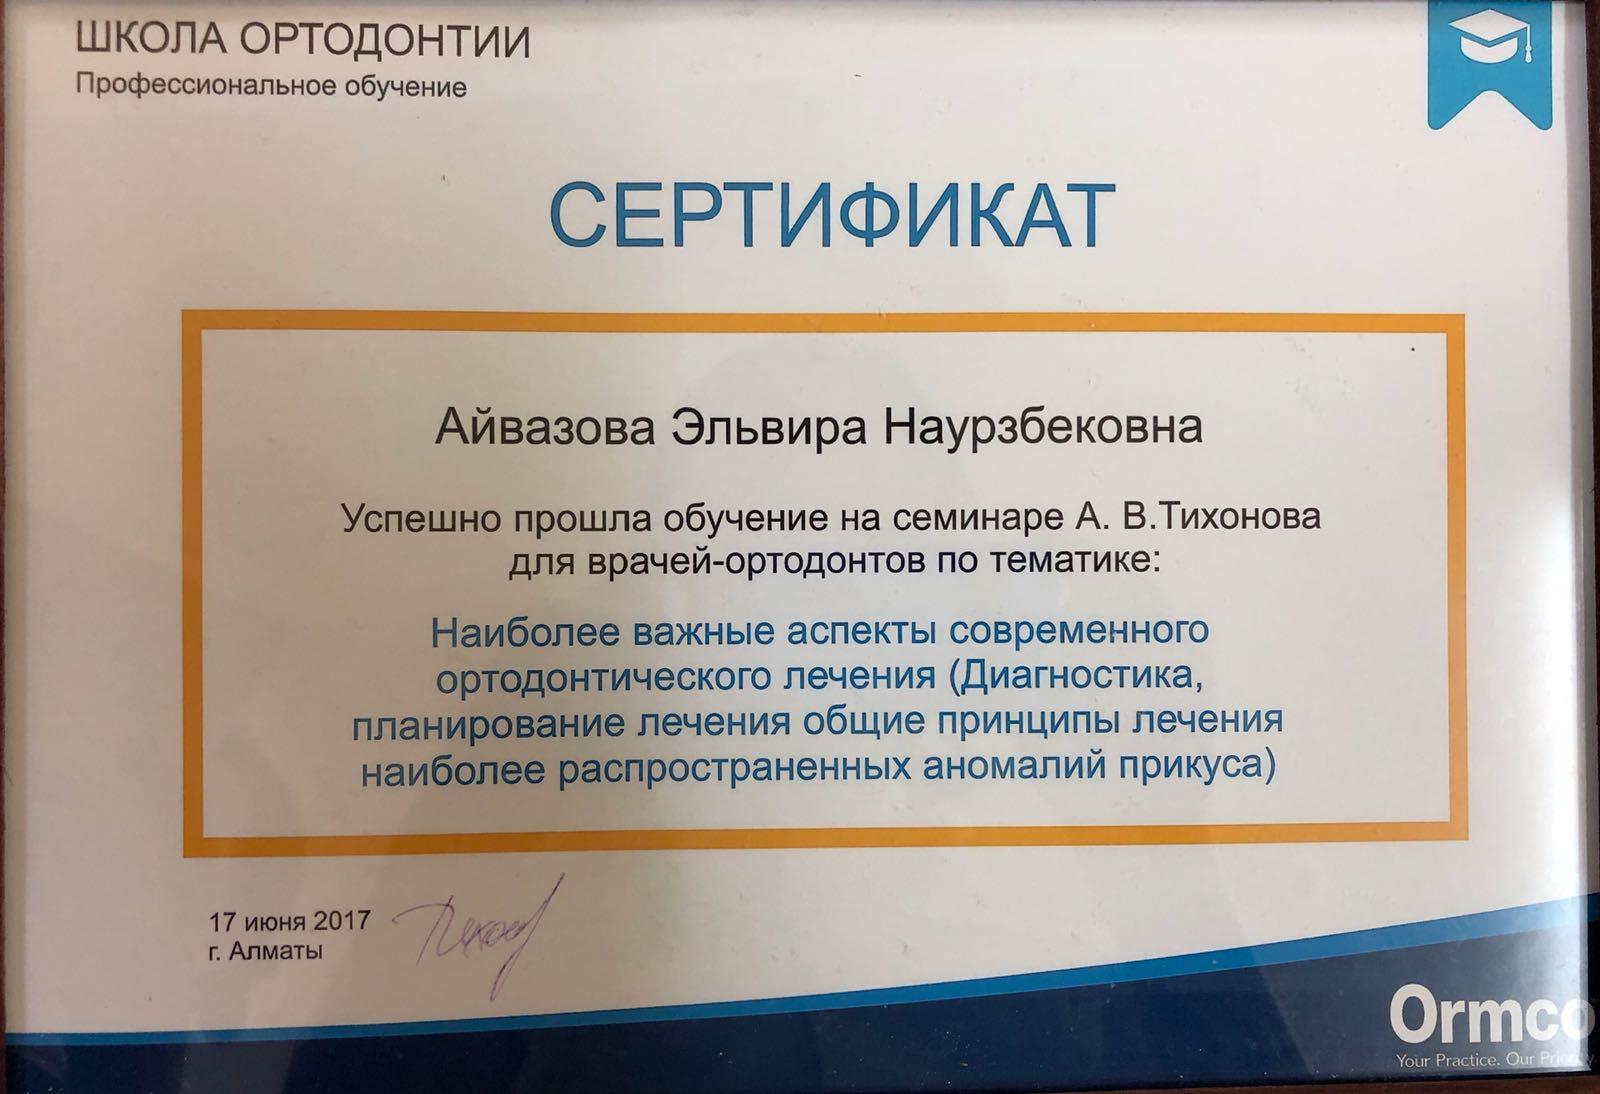 Установка брекетов в Казахстане, фото 138